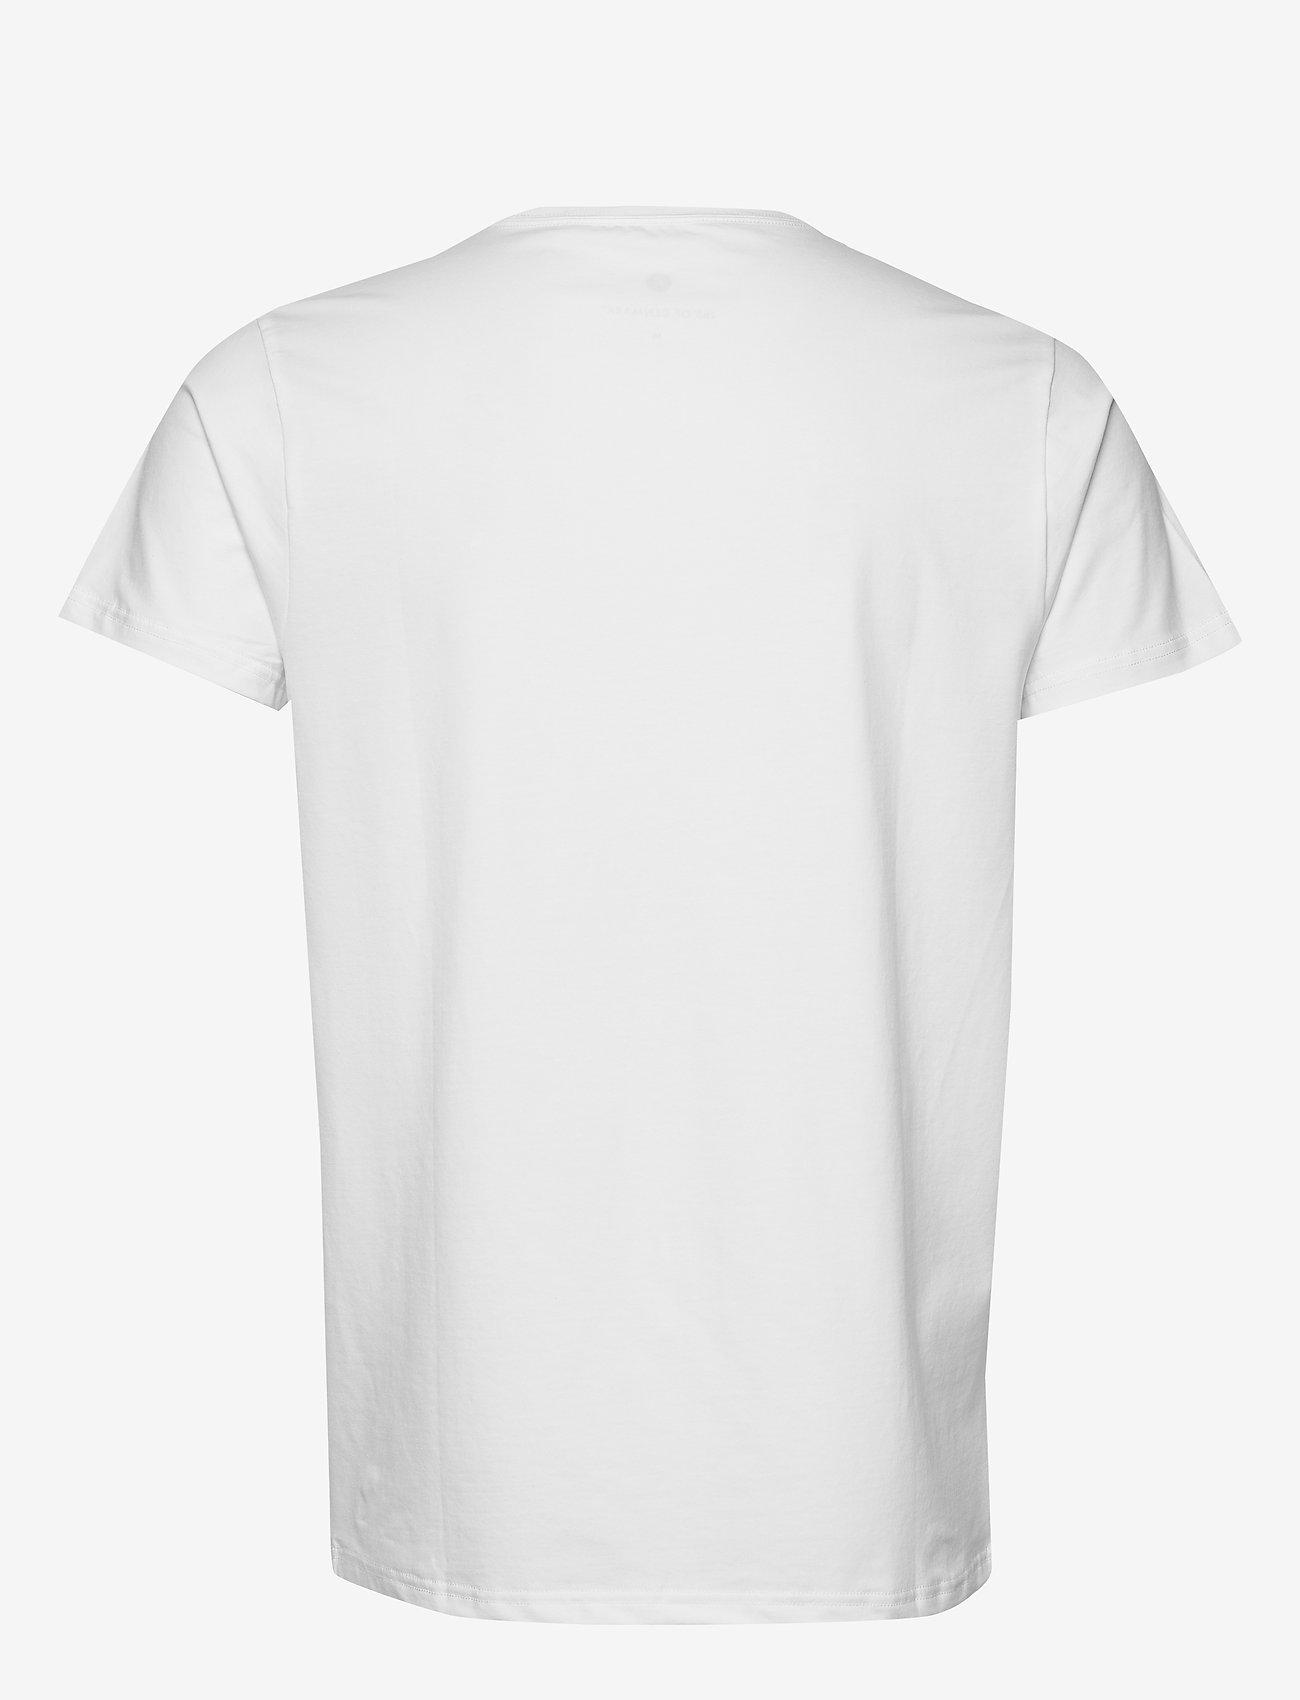 JBS of Denmark JBS of Denmark t-shirt O-neck - T-skjorter VIT - Menn Klær